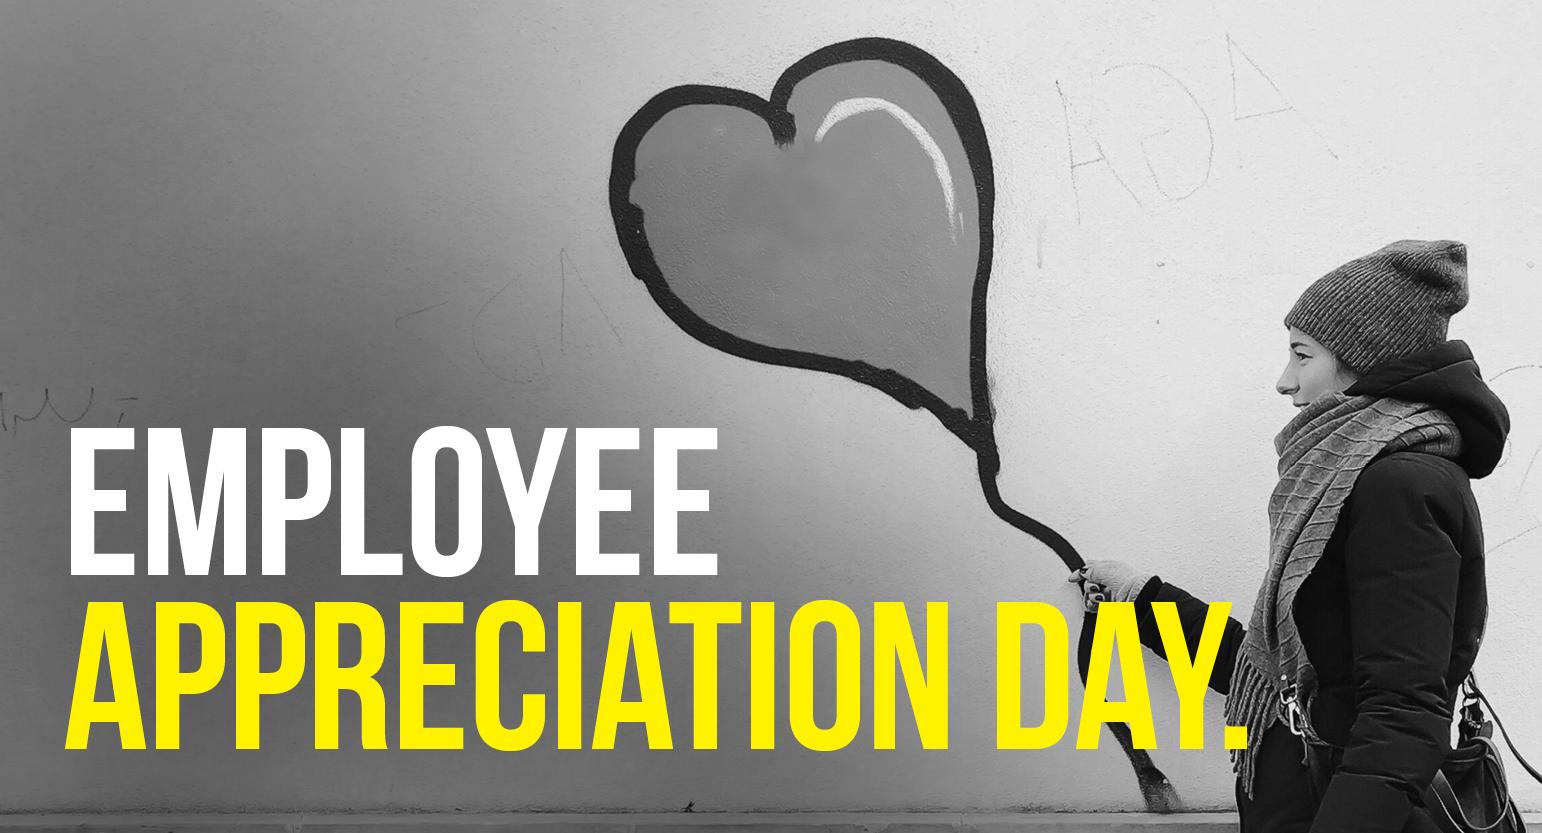 EmployeeAppreciation_WebImage_022719_r2.jpg